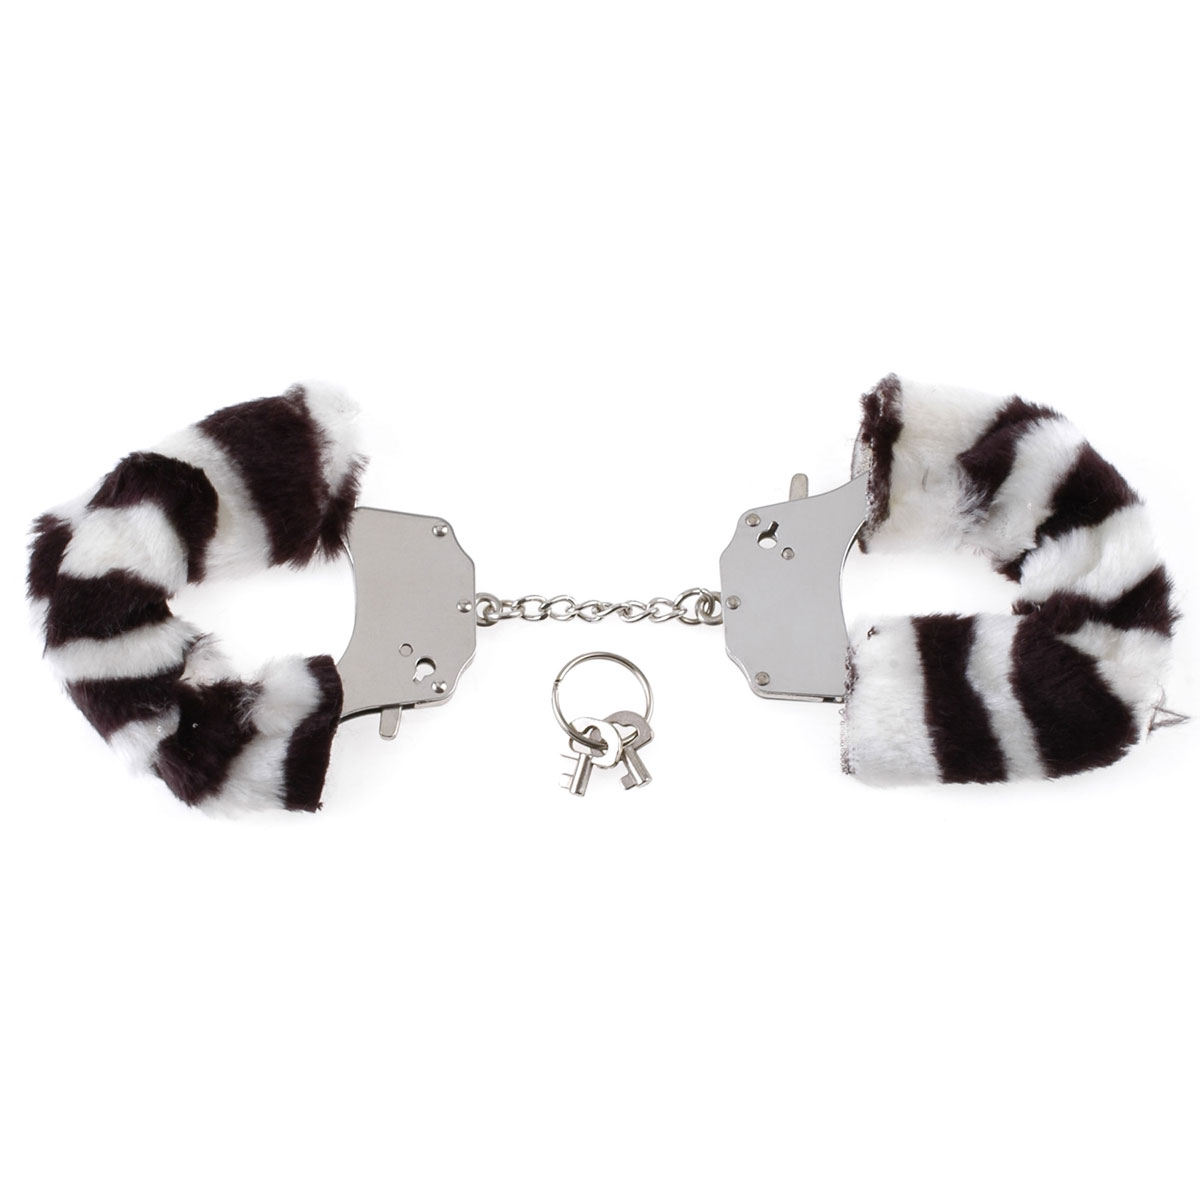 Металлические наручники Original Furry Cuffs с мехом под зебру - фото 524306